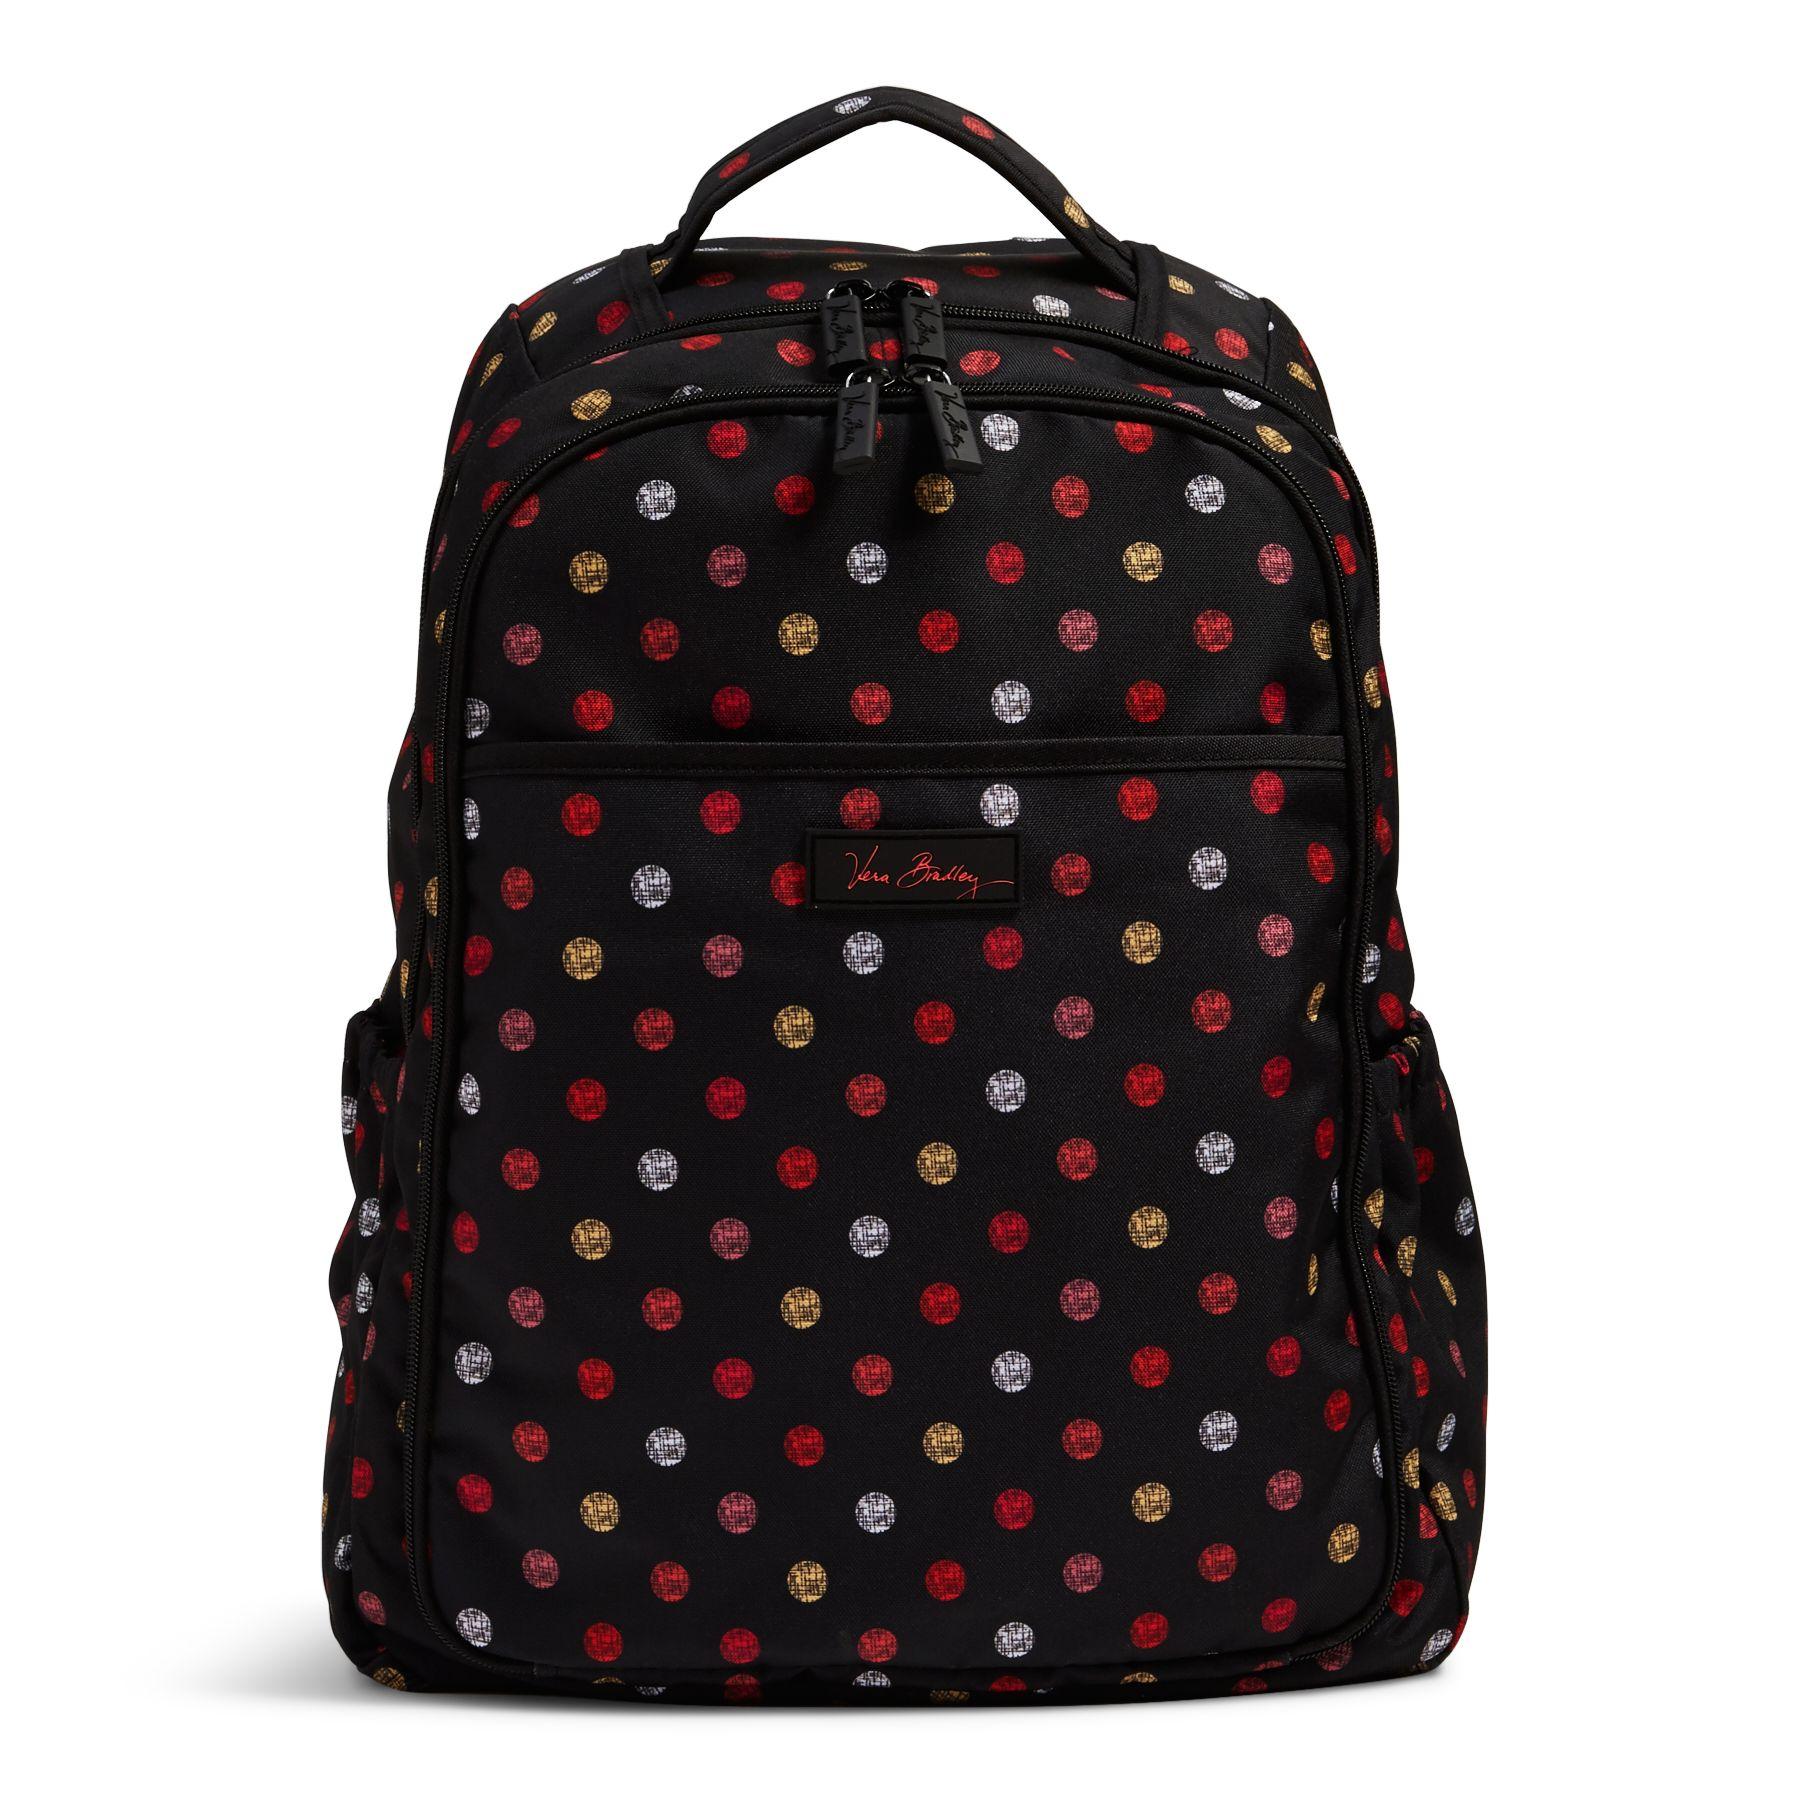 baby backpack usa. Black Bedroom Furniture Sets. Home Design Ideas